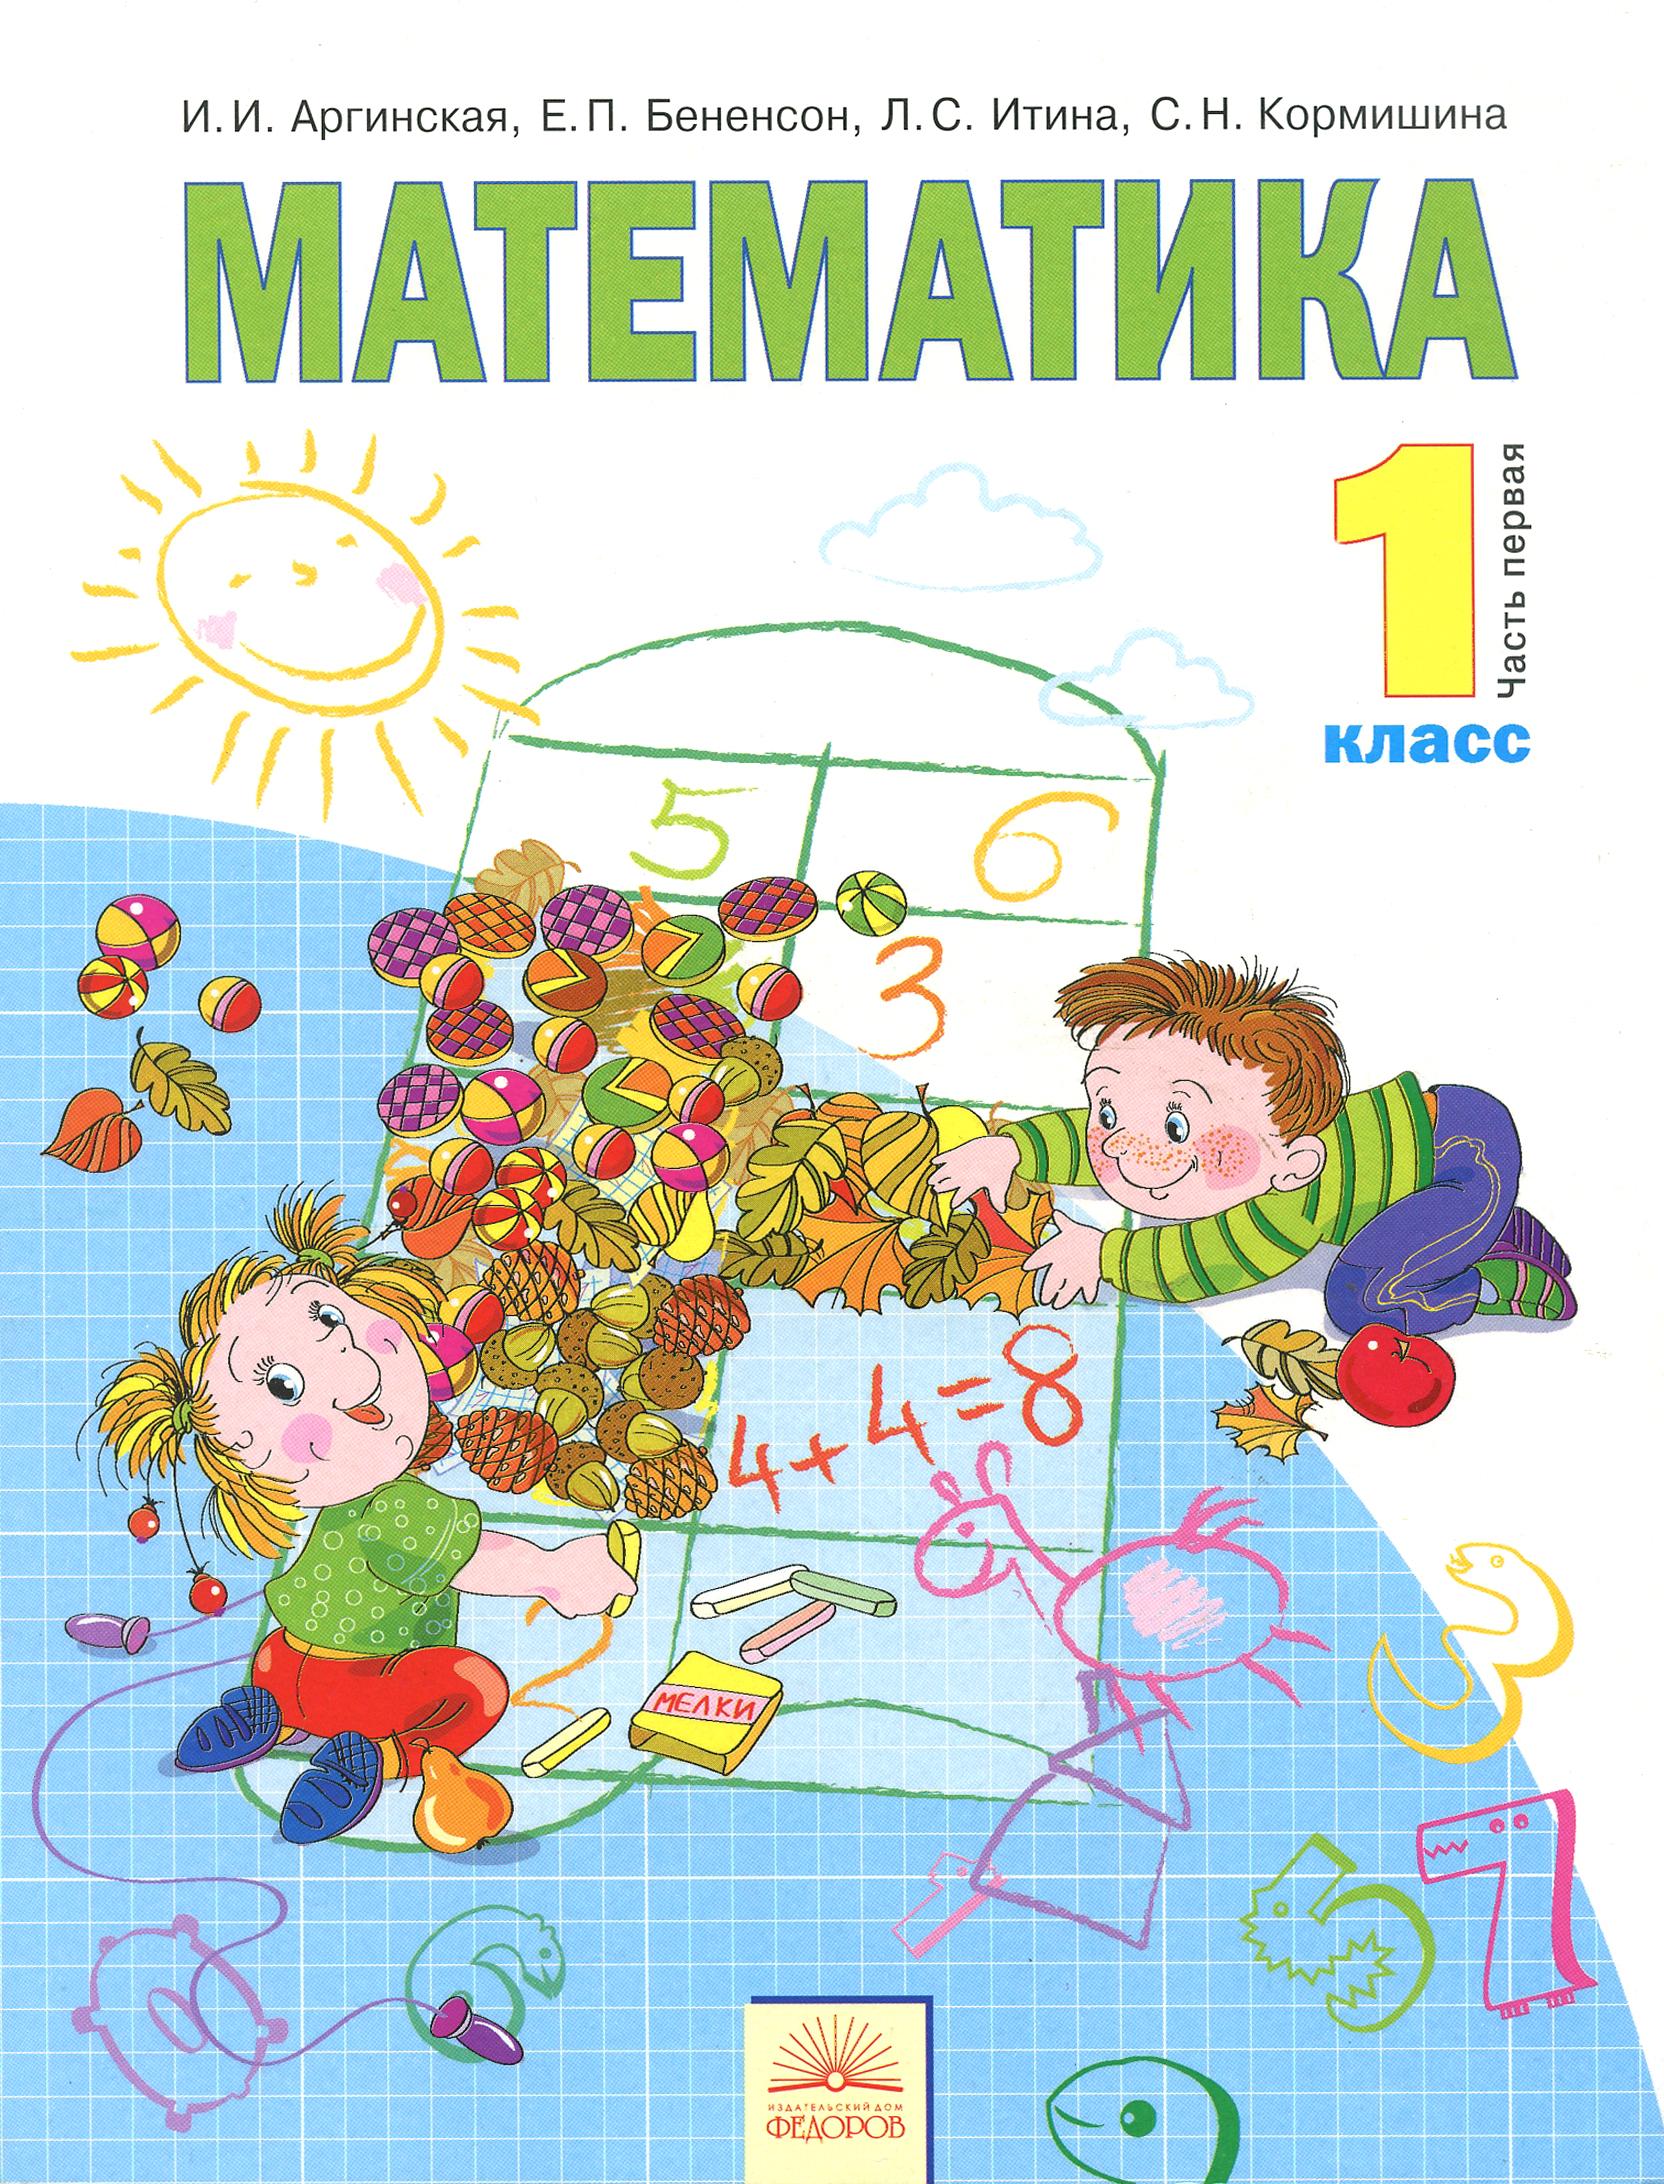 И. И. Аргинская, Е. П. Бененсон, Л. С. Итина, С. Н. Кормишина Математика. 1 класс. В 2-х частях. Часть 1. Учебник цена